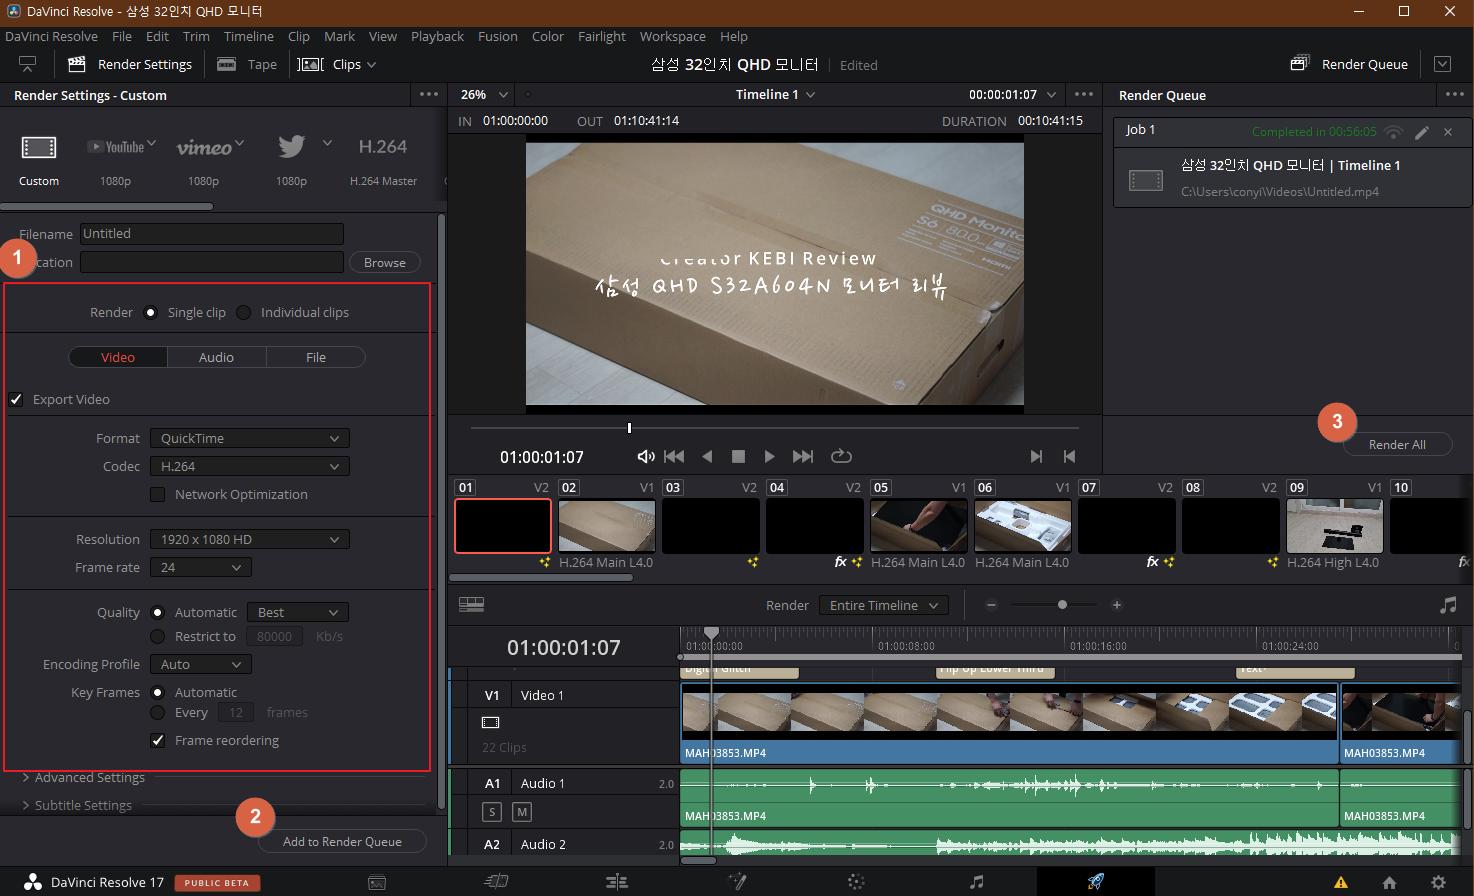 무료 동영상 편집 프로그램 추천 다빈치 리졸브 사용방법 이미지 9